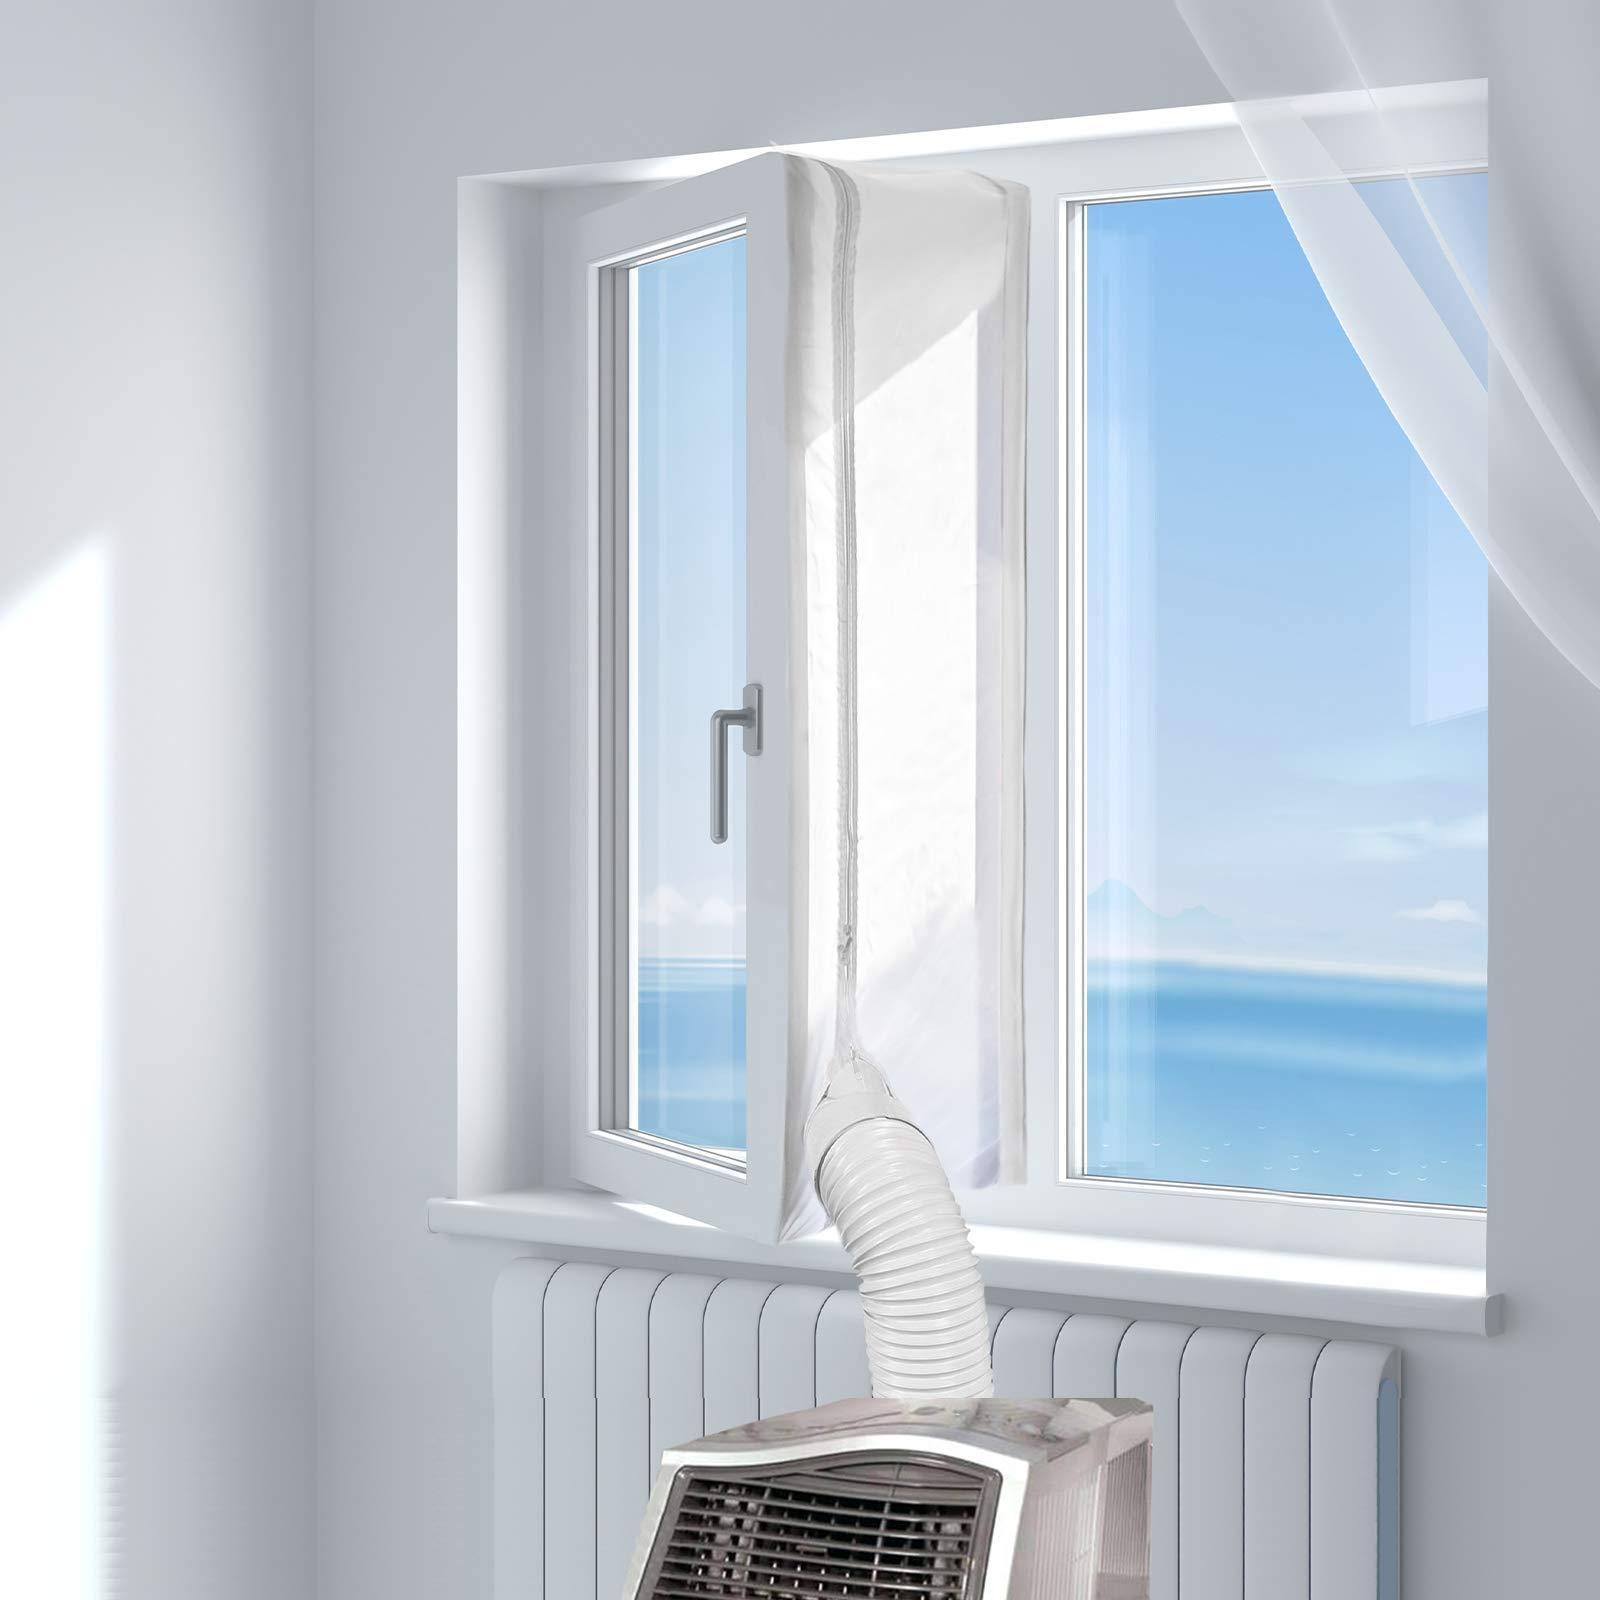 Full Size of Fenster Klimaanlage Hoomee Fensterabdichtung Fr Mobile Klimagerte Verdunkelung Sicherheitsfolie Test Sichtschutz Veka Preise Aluminium Für Einbruchschutz Wohnzimmer Fenster Klimaanlage